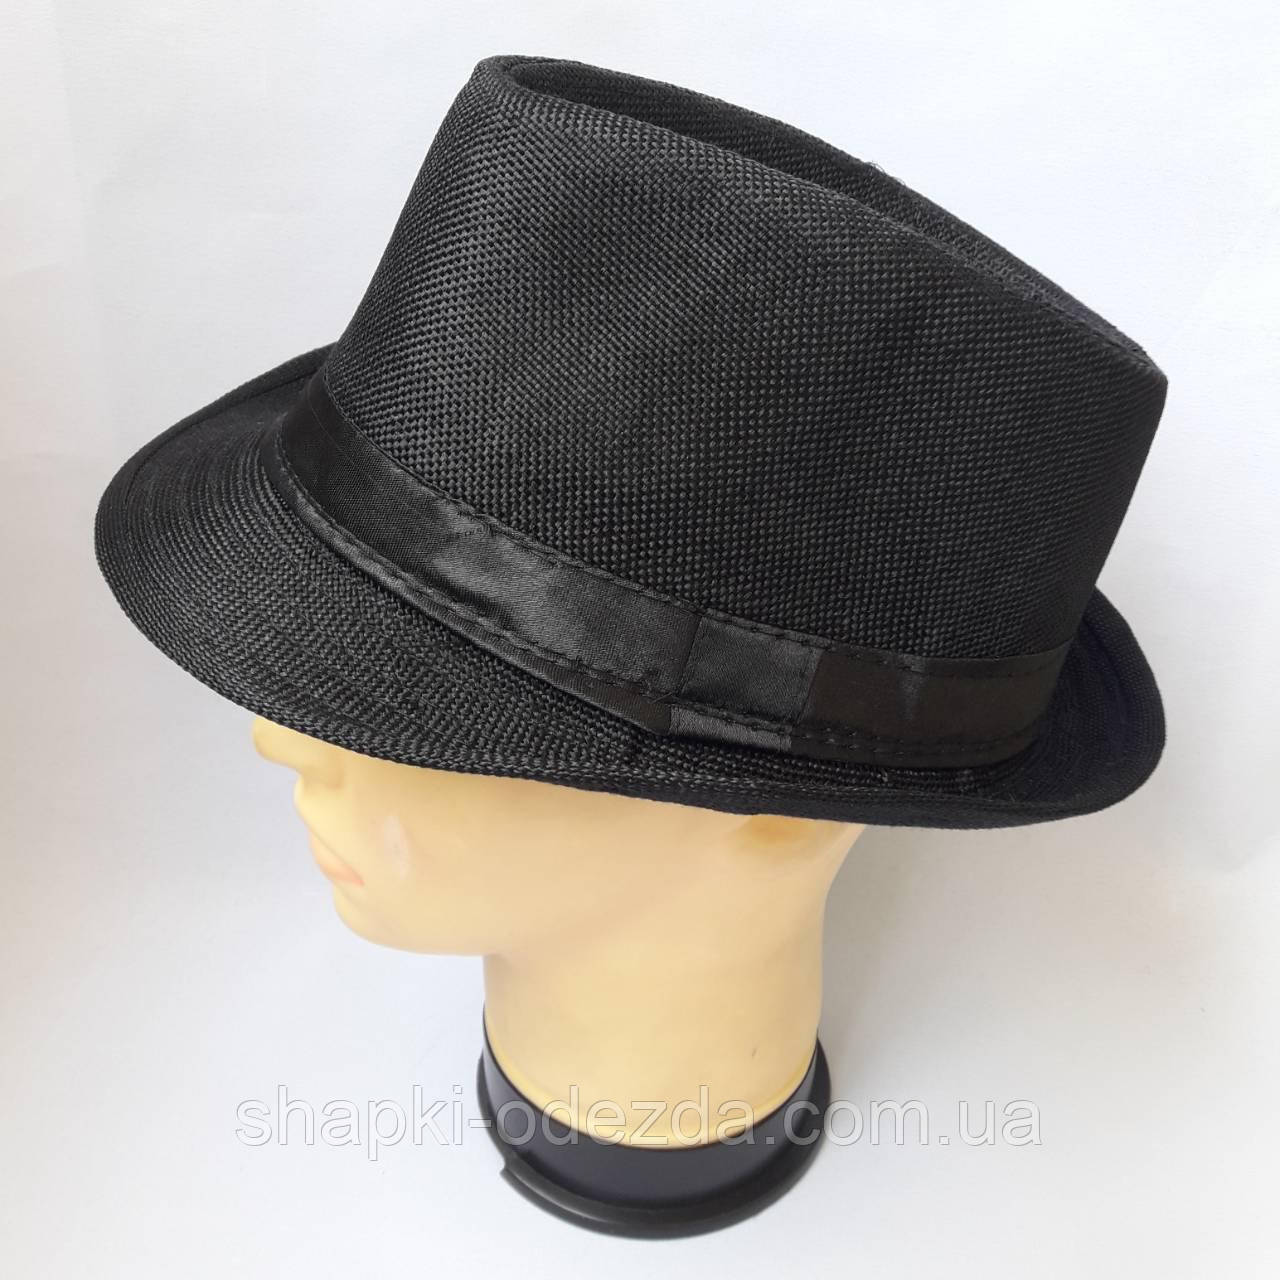 Шляпа молодежная челинтано р 57-58